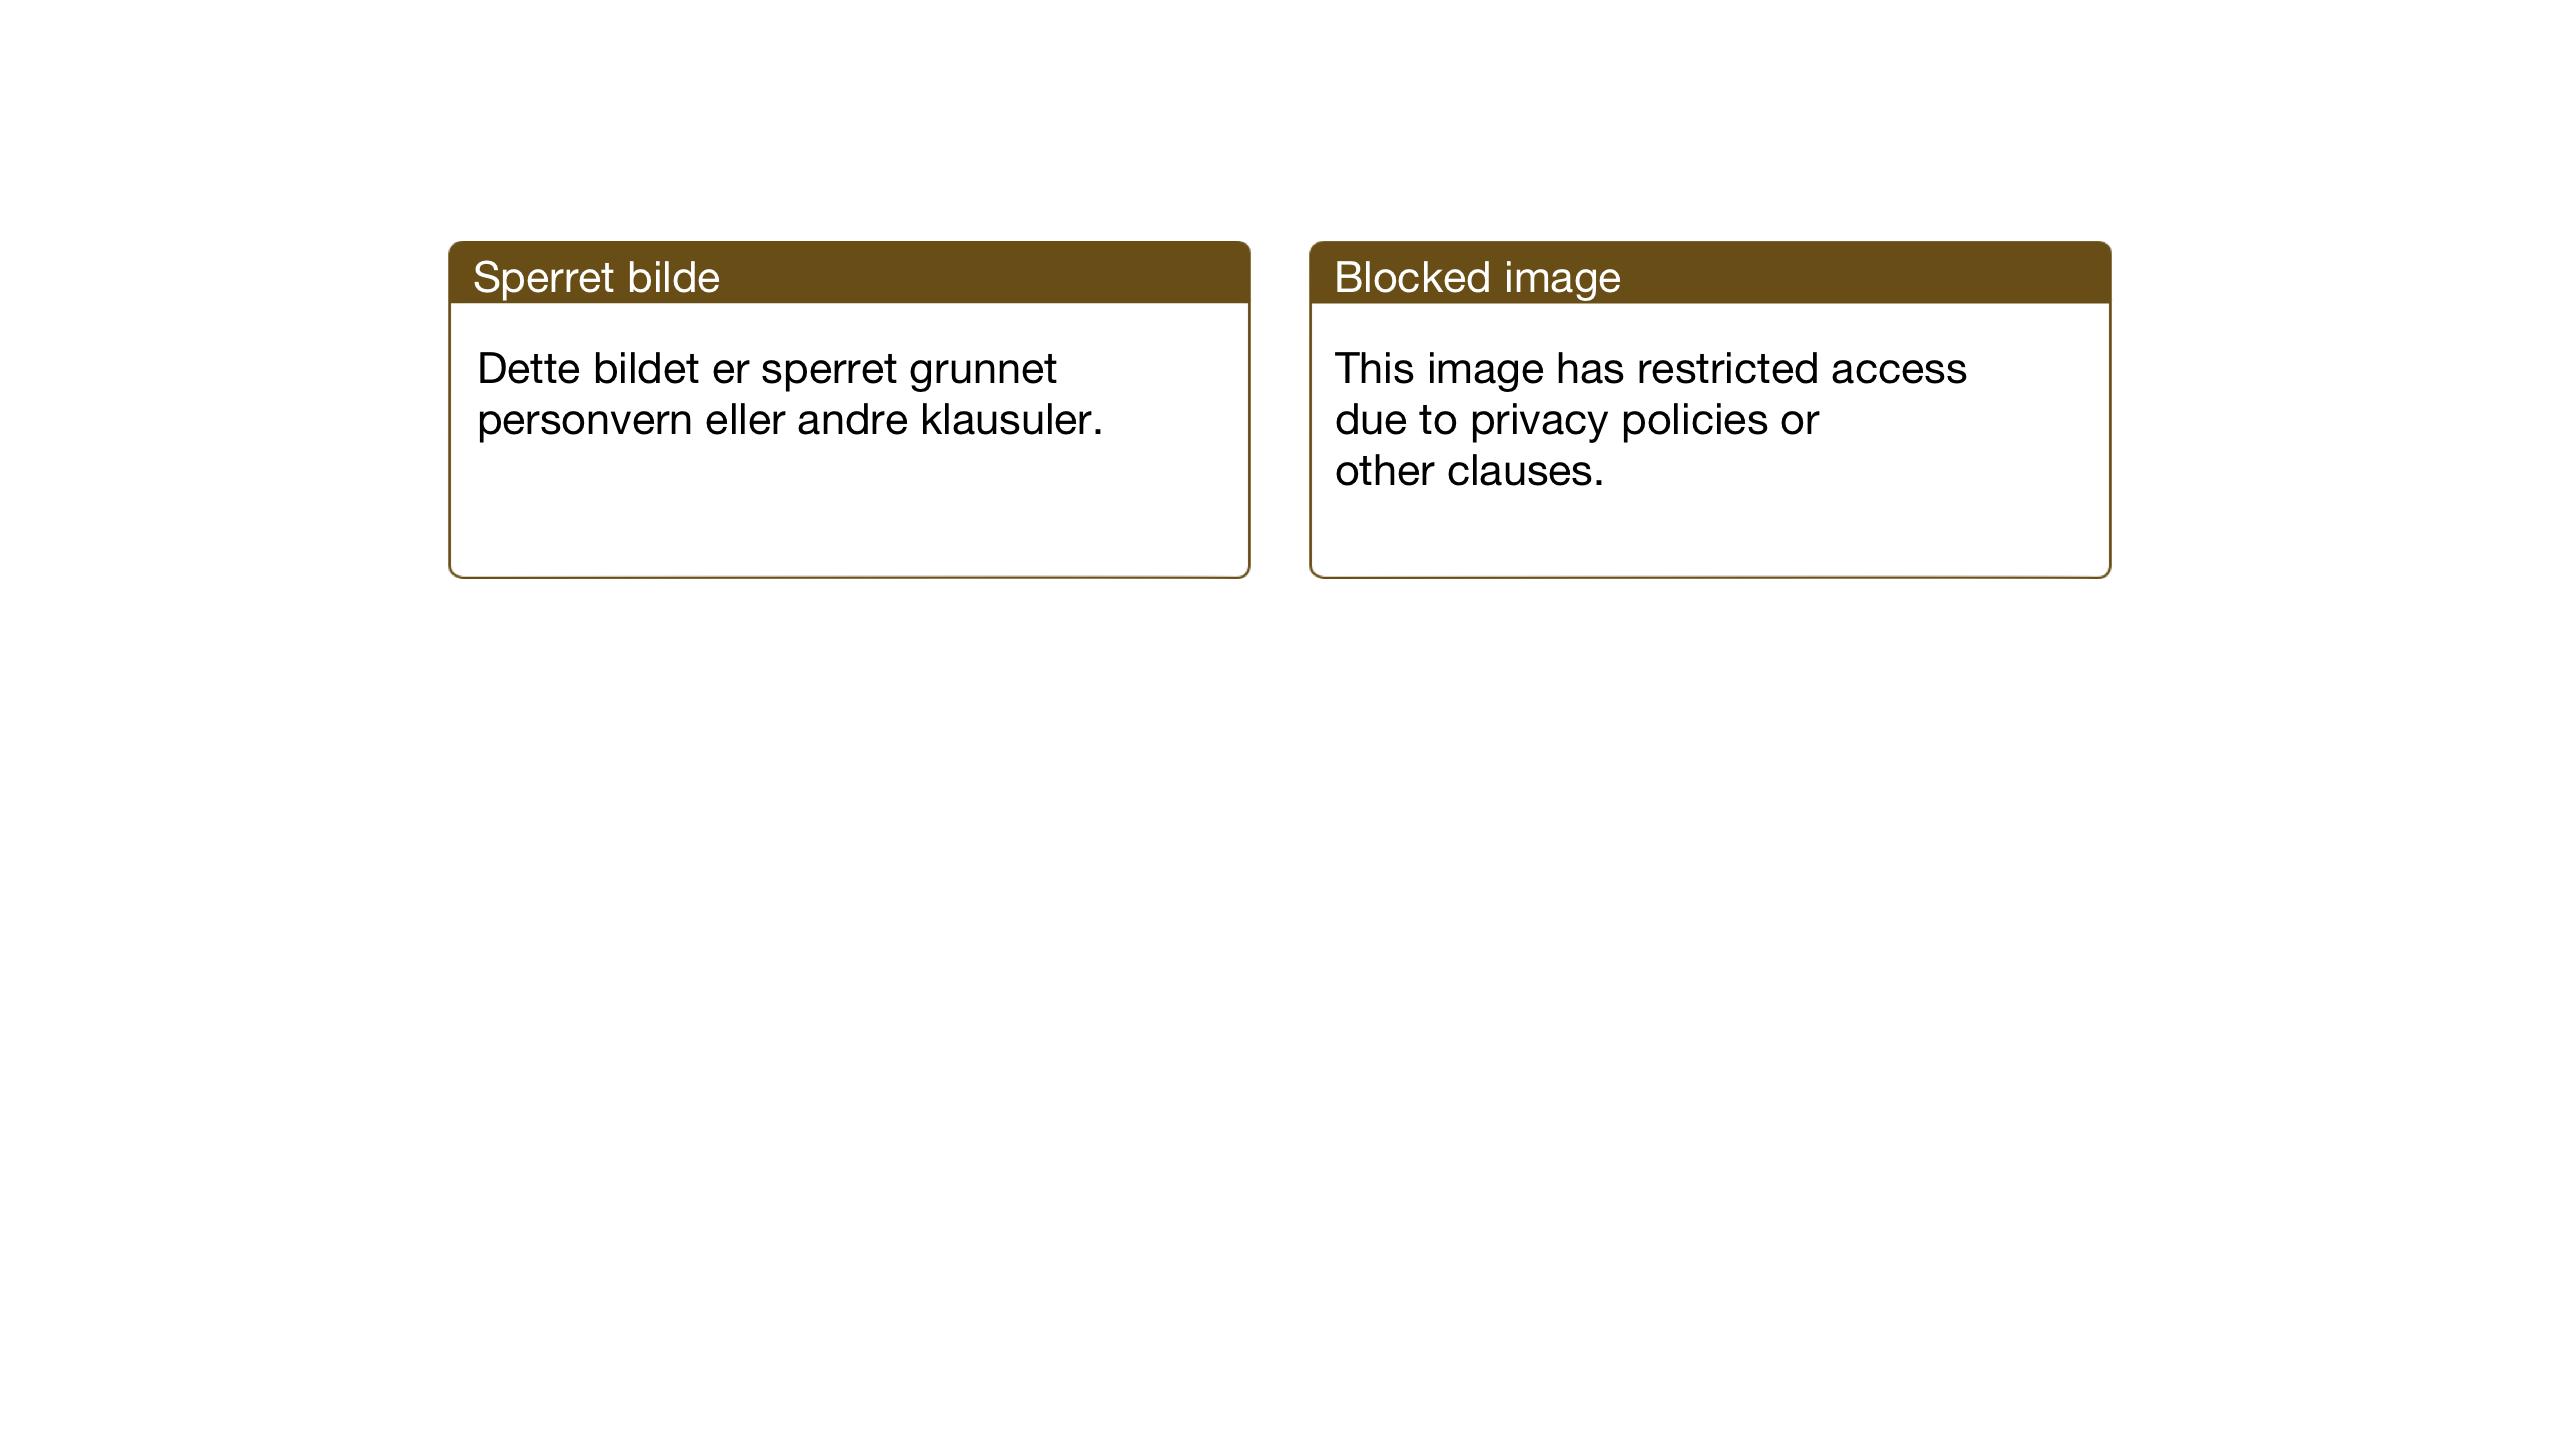 SAT, Ministerialprotokoller, klokkerbøker og fødselsregistre - Sør-Trøndelag, 638/L0569: Klokkerbok nr. 638C01, 1923-1961, s. 217